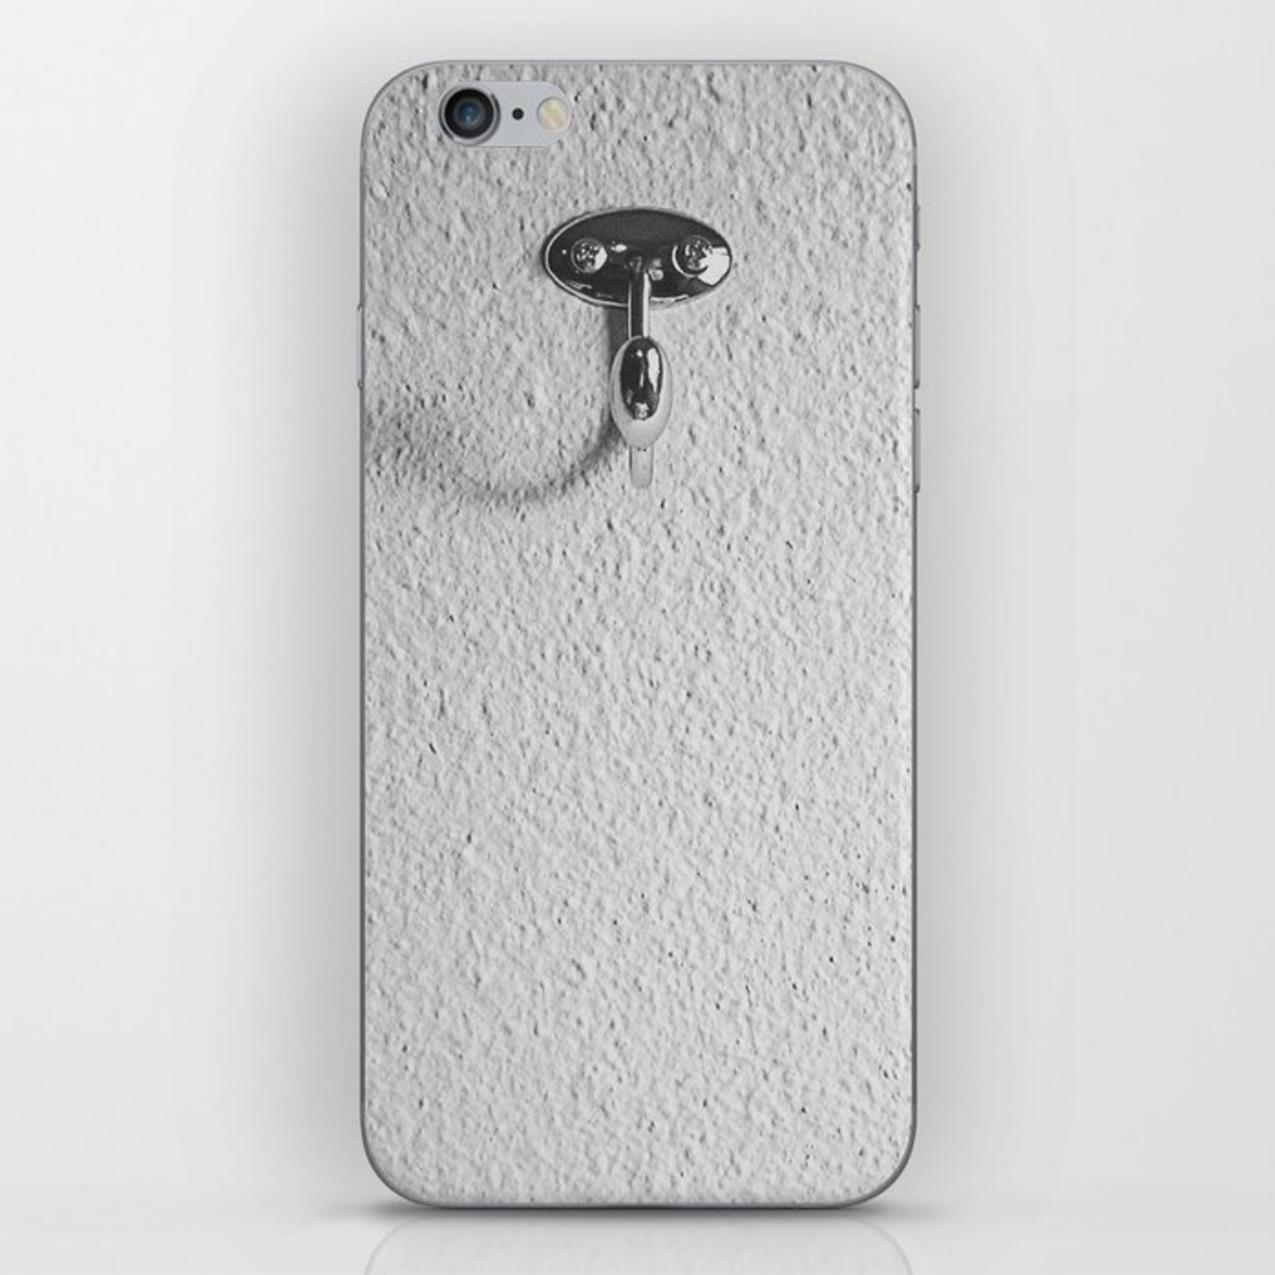 PHONE SKINS